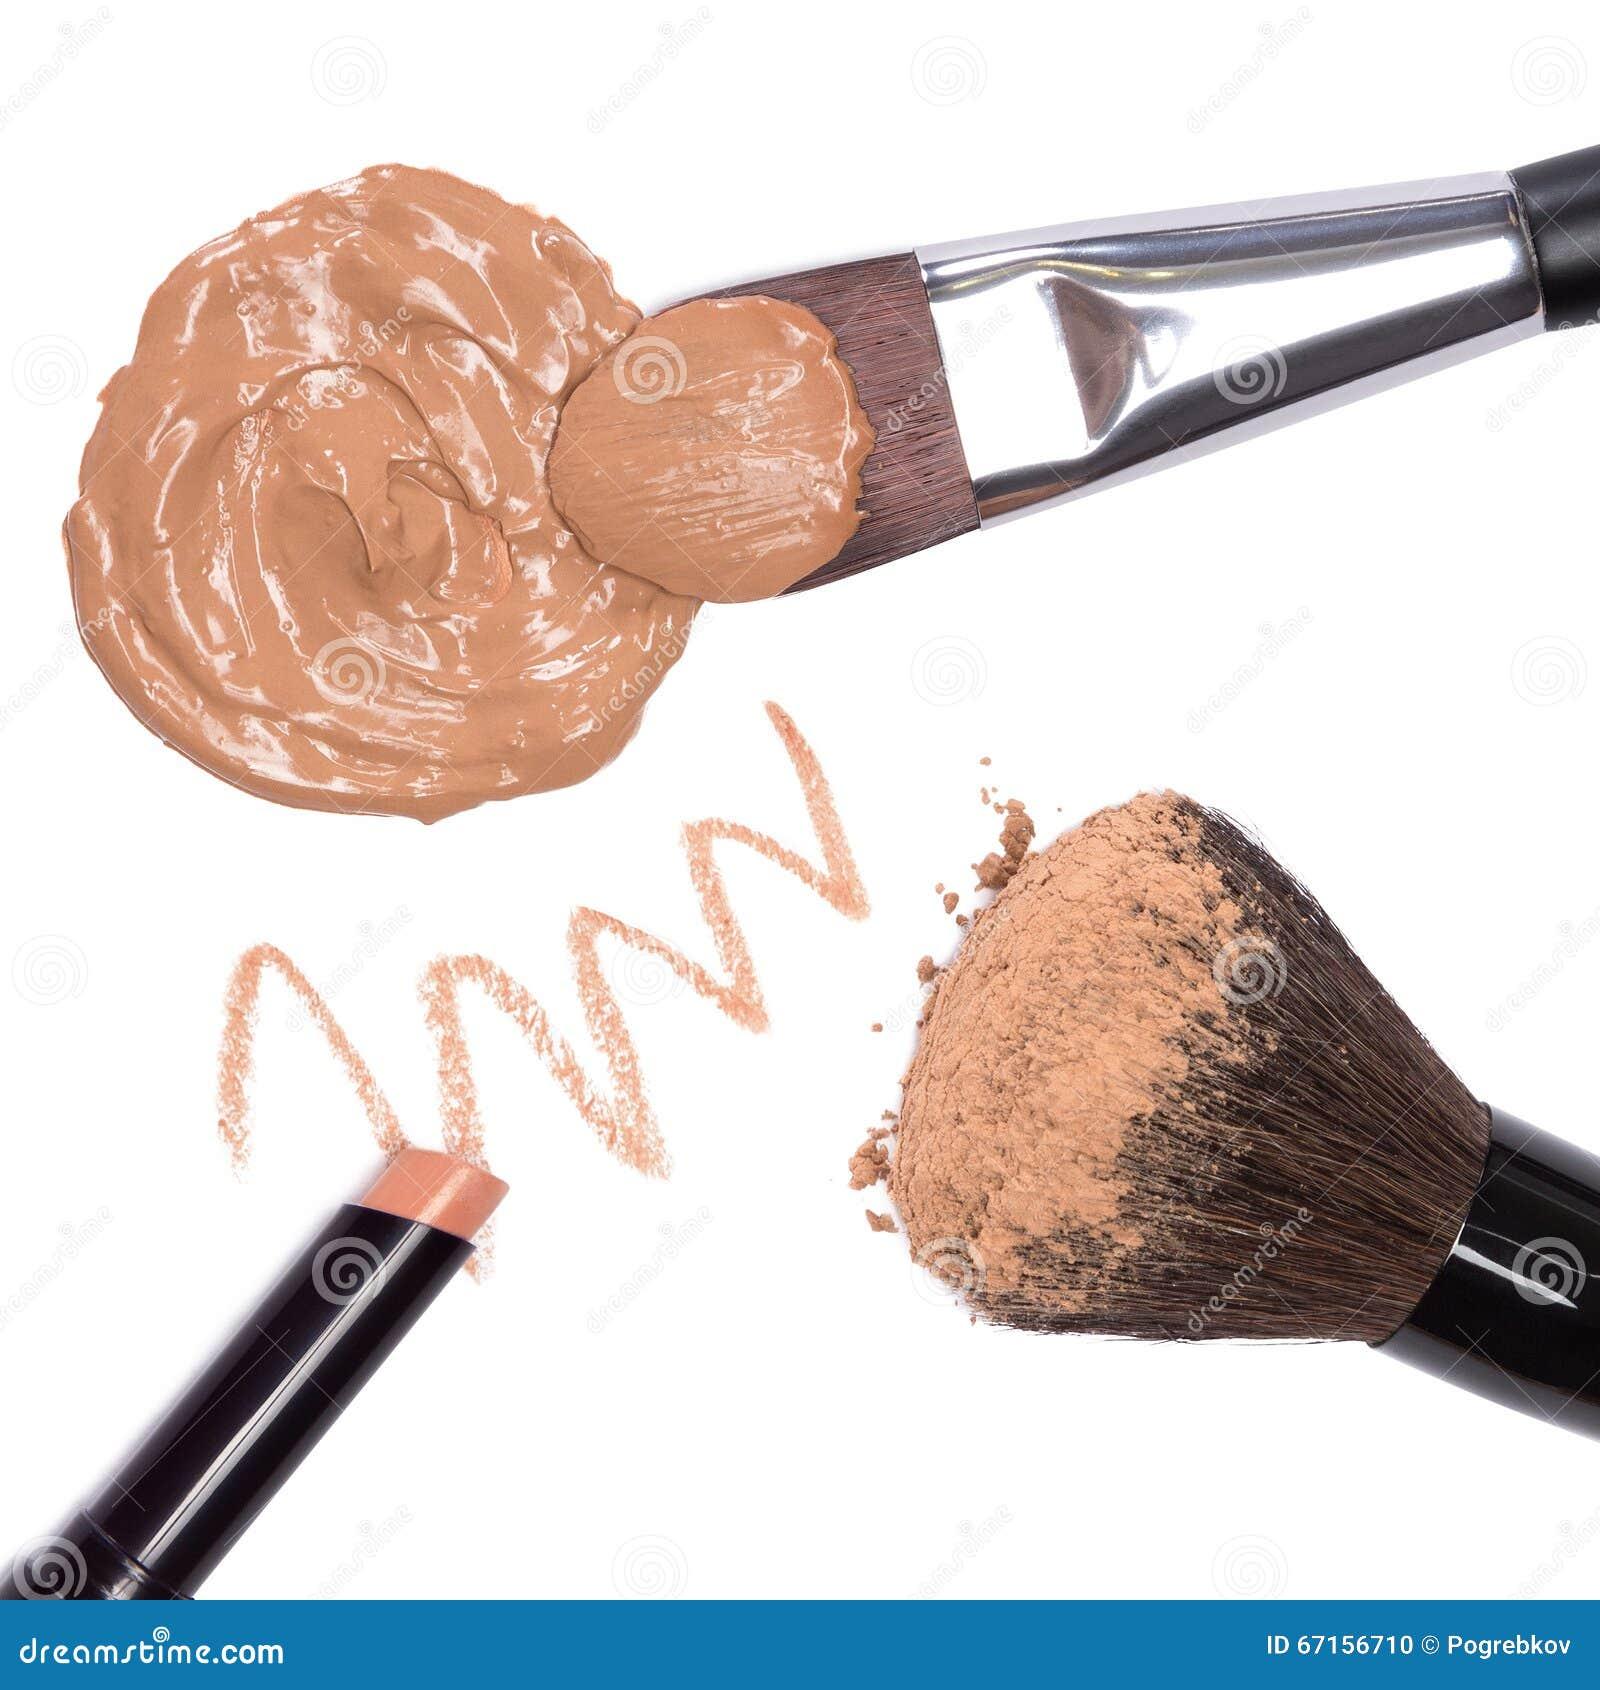 Grundlegende kosmetische Produkte, zum des schönen Hauttones zu schaffen